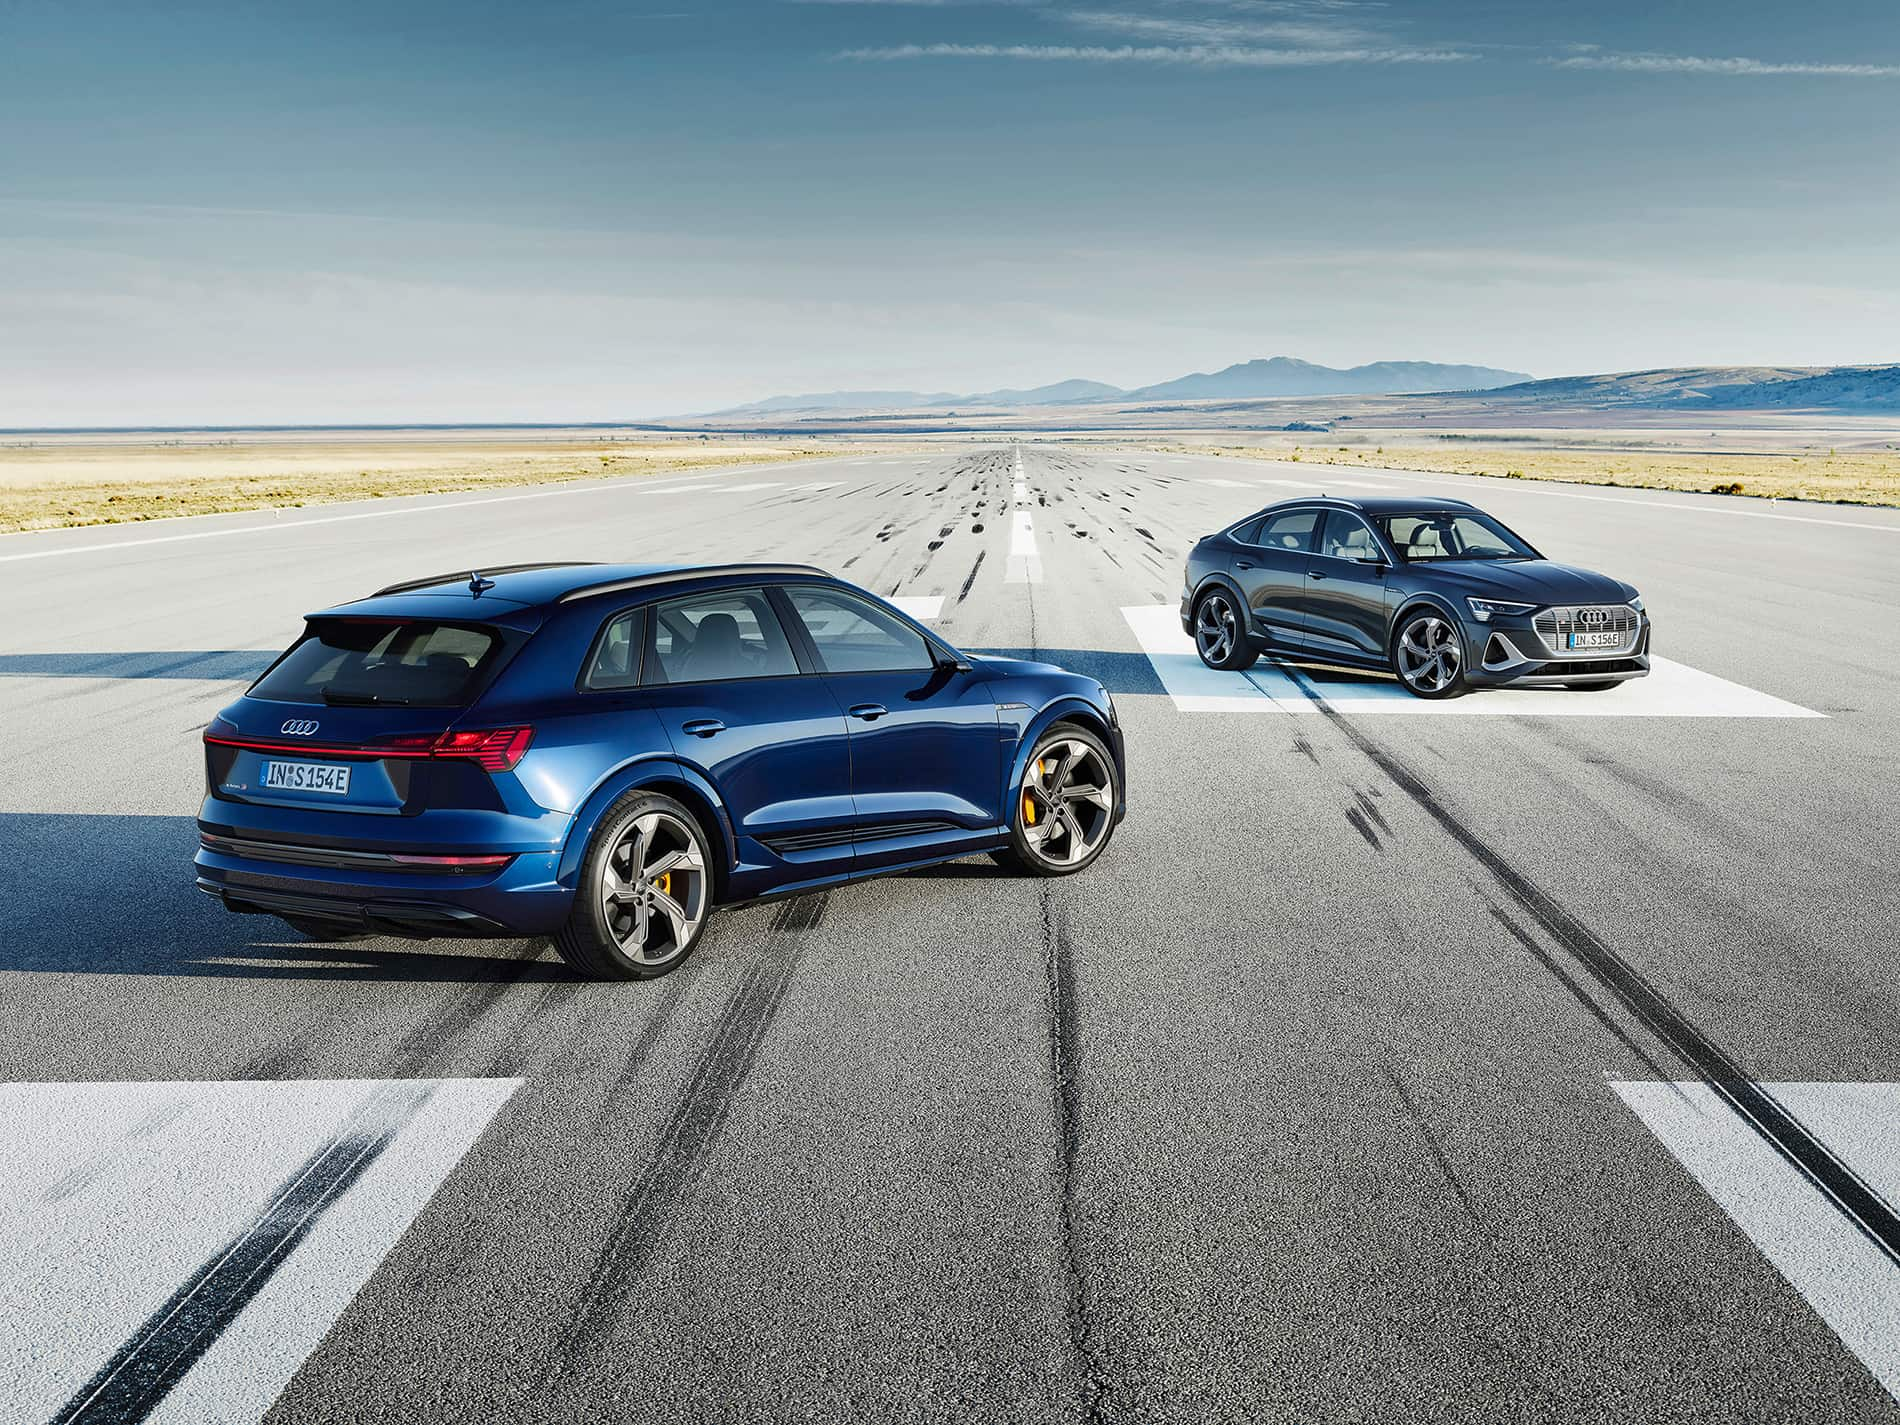 Audi e tron S και Audi e tron S Sportback: Καινοτόμα, δυναμικά, ηλεκτρικά